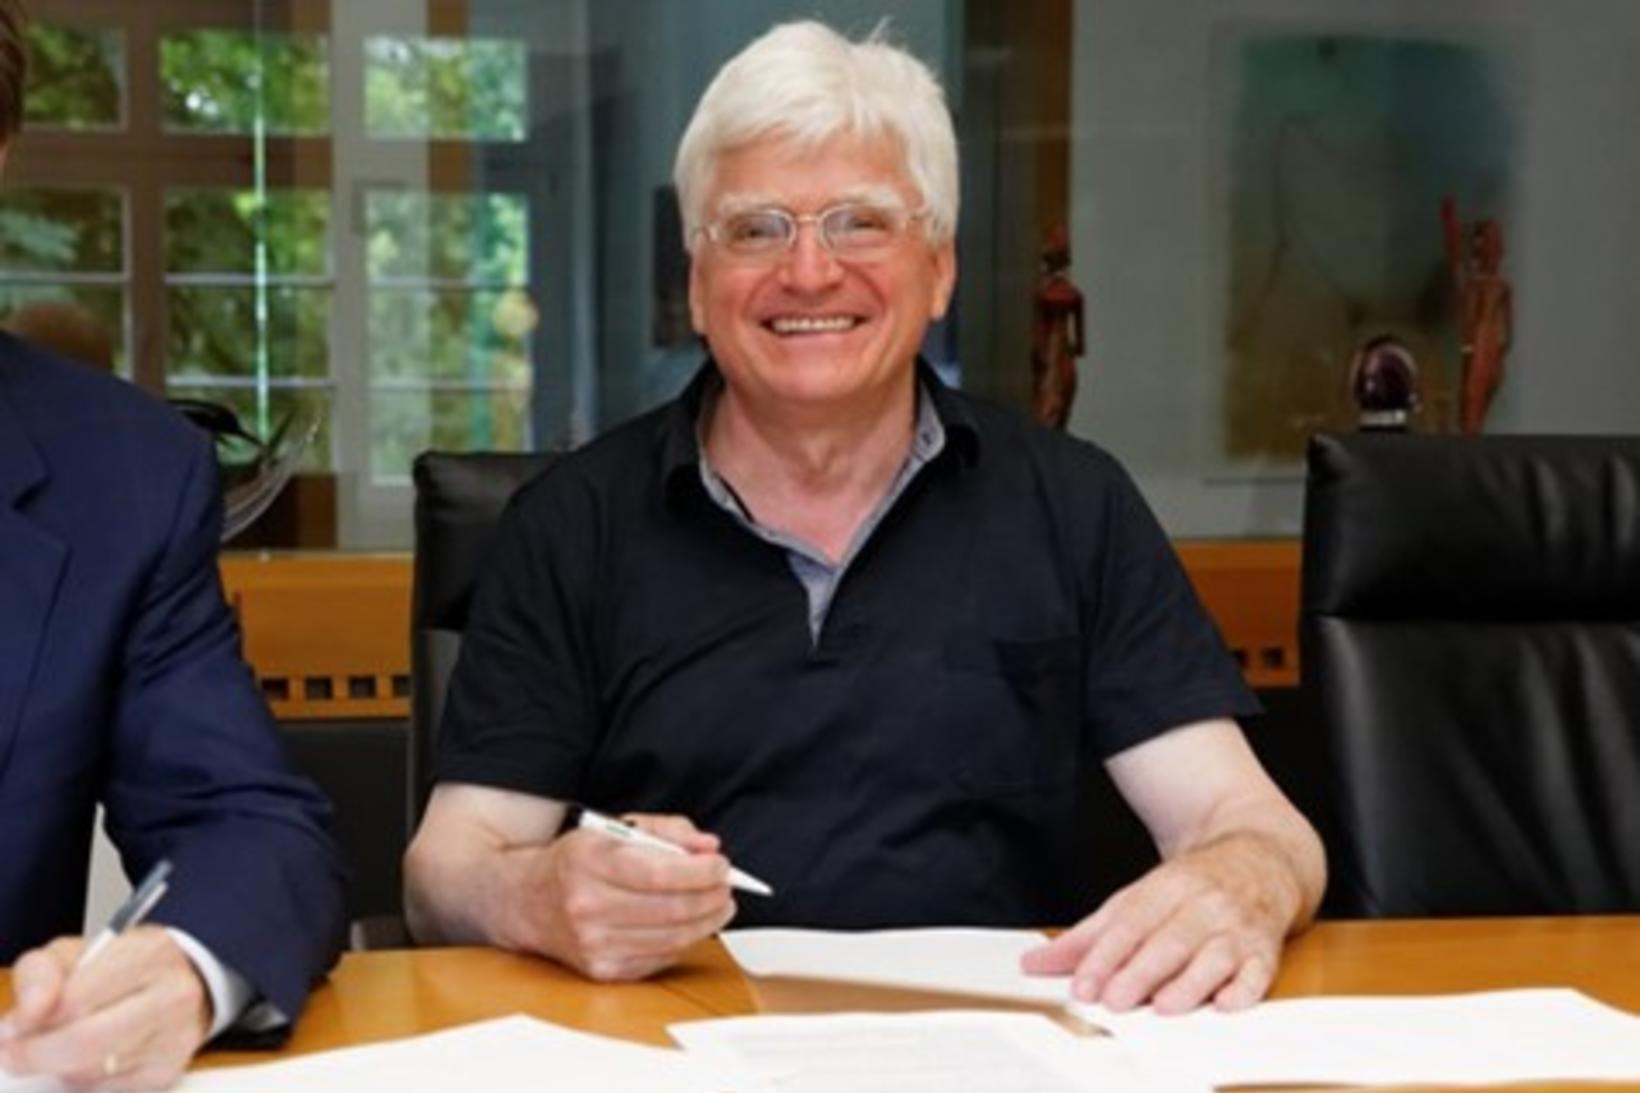 Winfried Stöcker er þekktur þýskur vísindamaður. Hann þróaði eigin bóluefni …